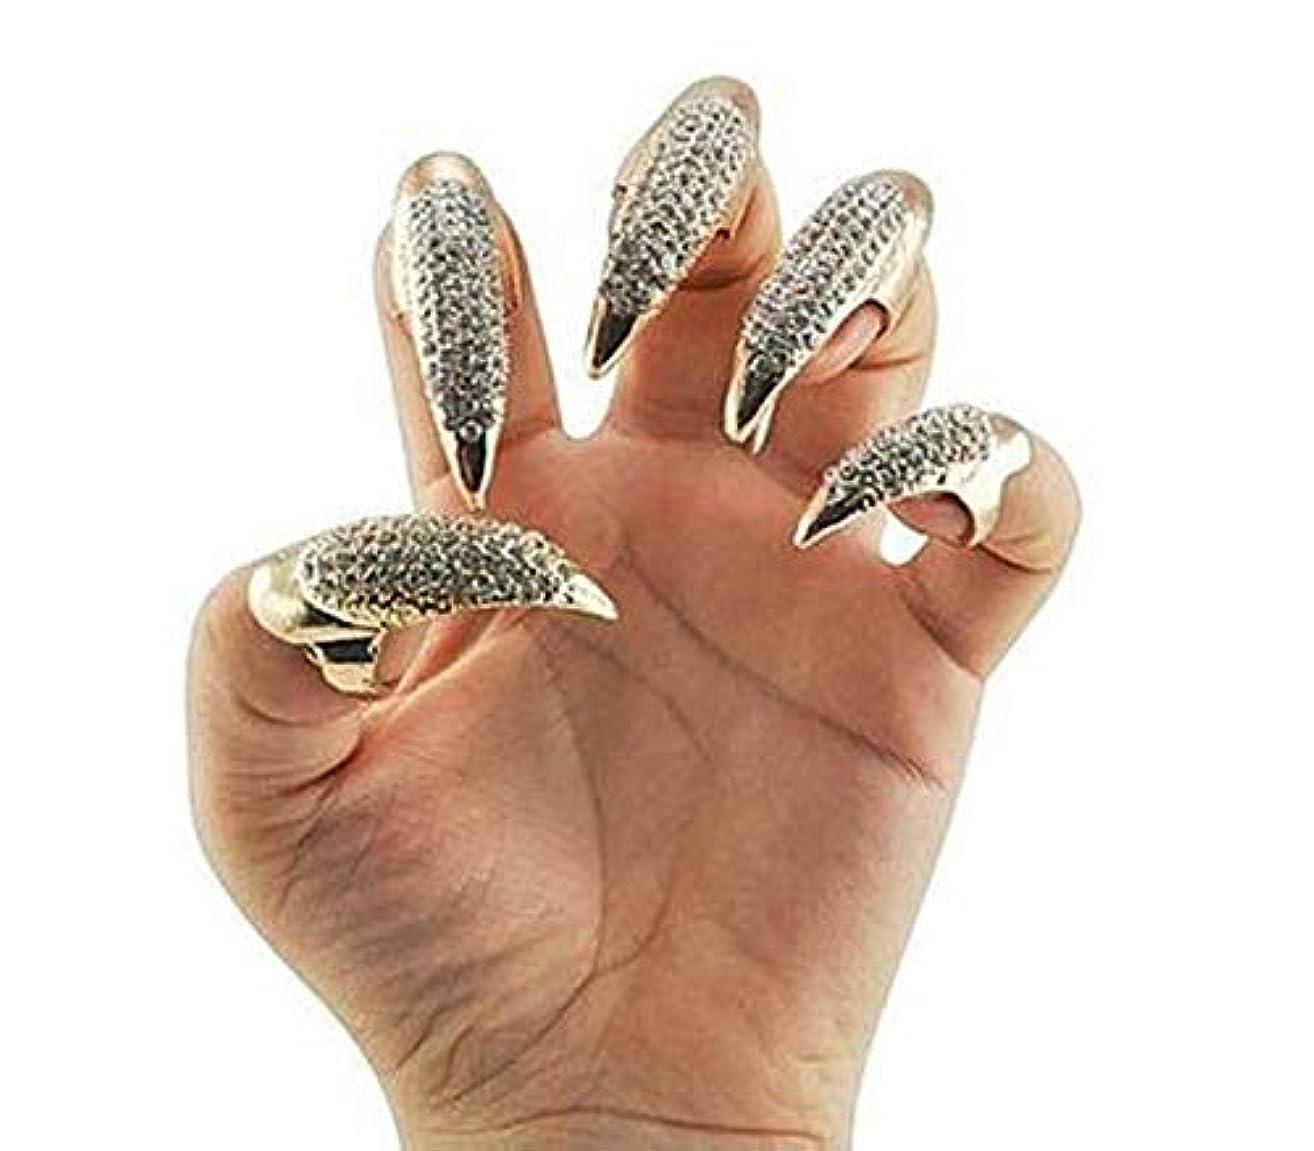 賞賛冷淡な不名誉(Silver) - 10 PCS Bestga Gothic Punk Style 3 Sizes Crystal Rhinestone Paved Paw Bend Fingertip Finger Claw Ring Fake False Nails Set Coseplay Decorations - Silver